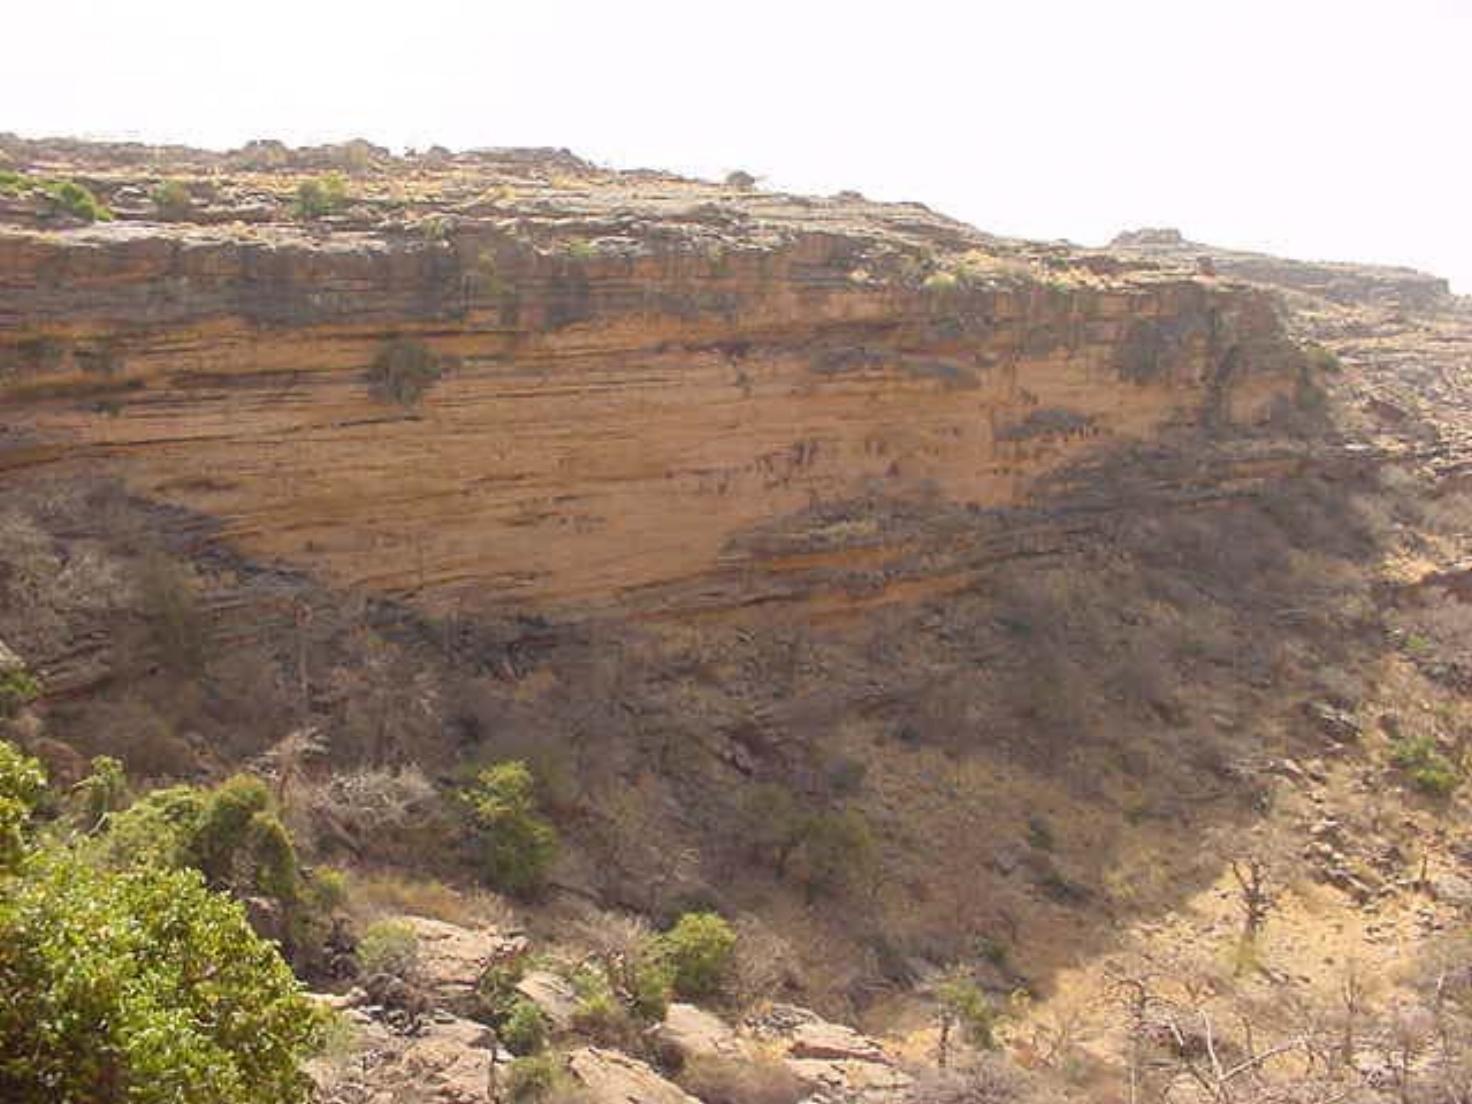 Cliffs of Bandiagara